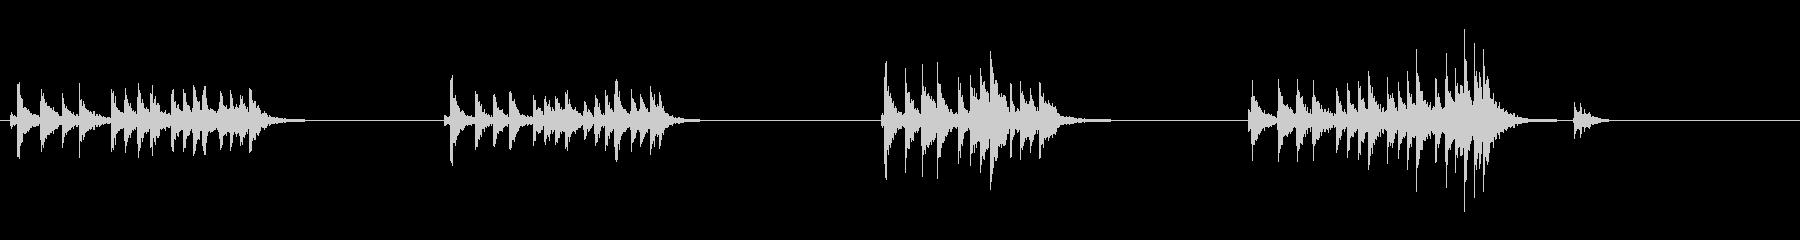 大太鼓6ウス風音ウス風音歌舞伎情景描写和の未再生の波形